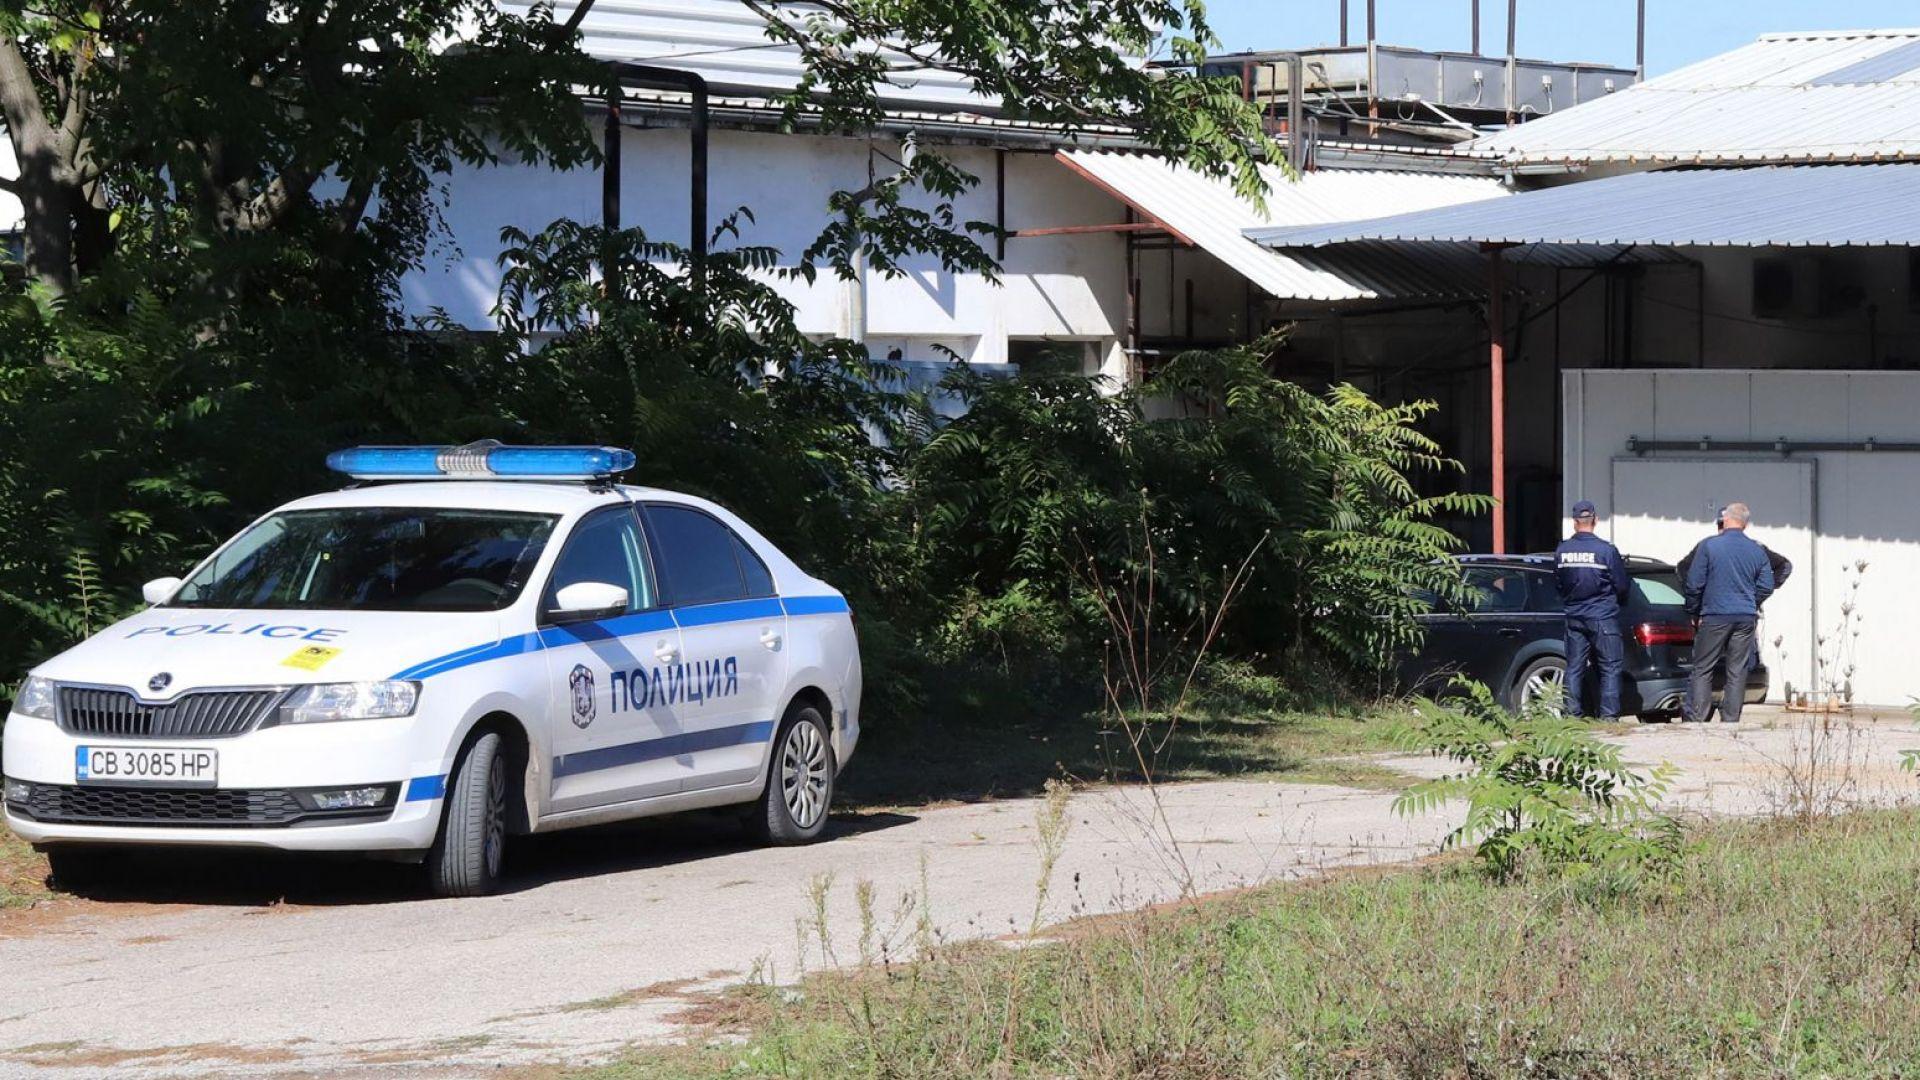 Разкритата нарколаборатория била в 3 халета, двама са арестувани (снимки)